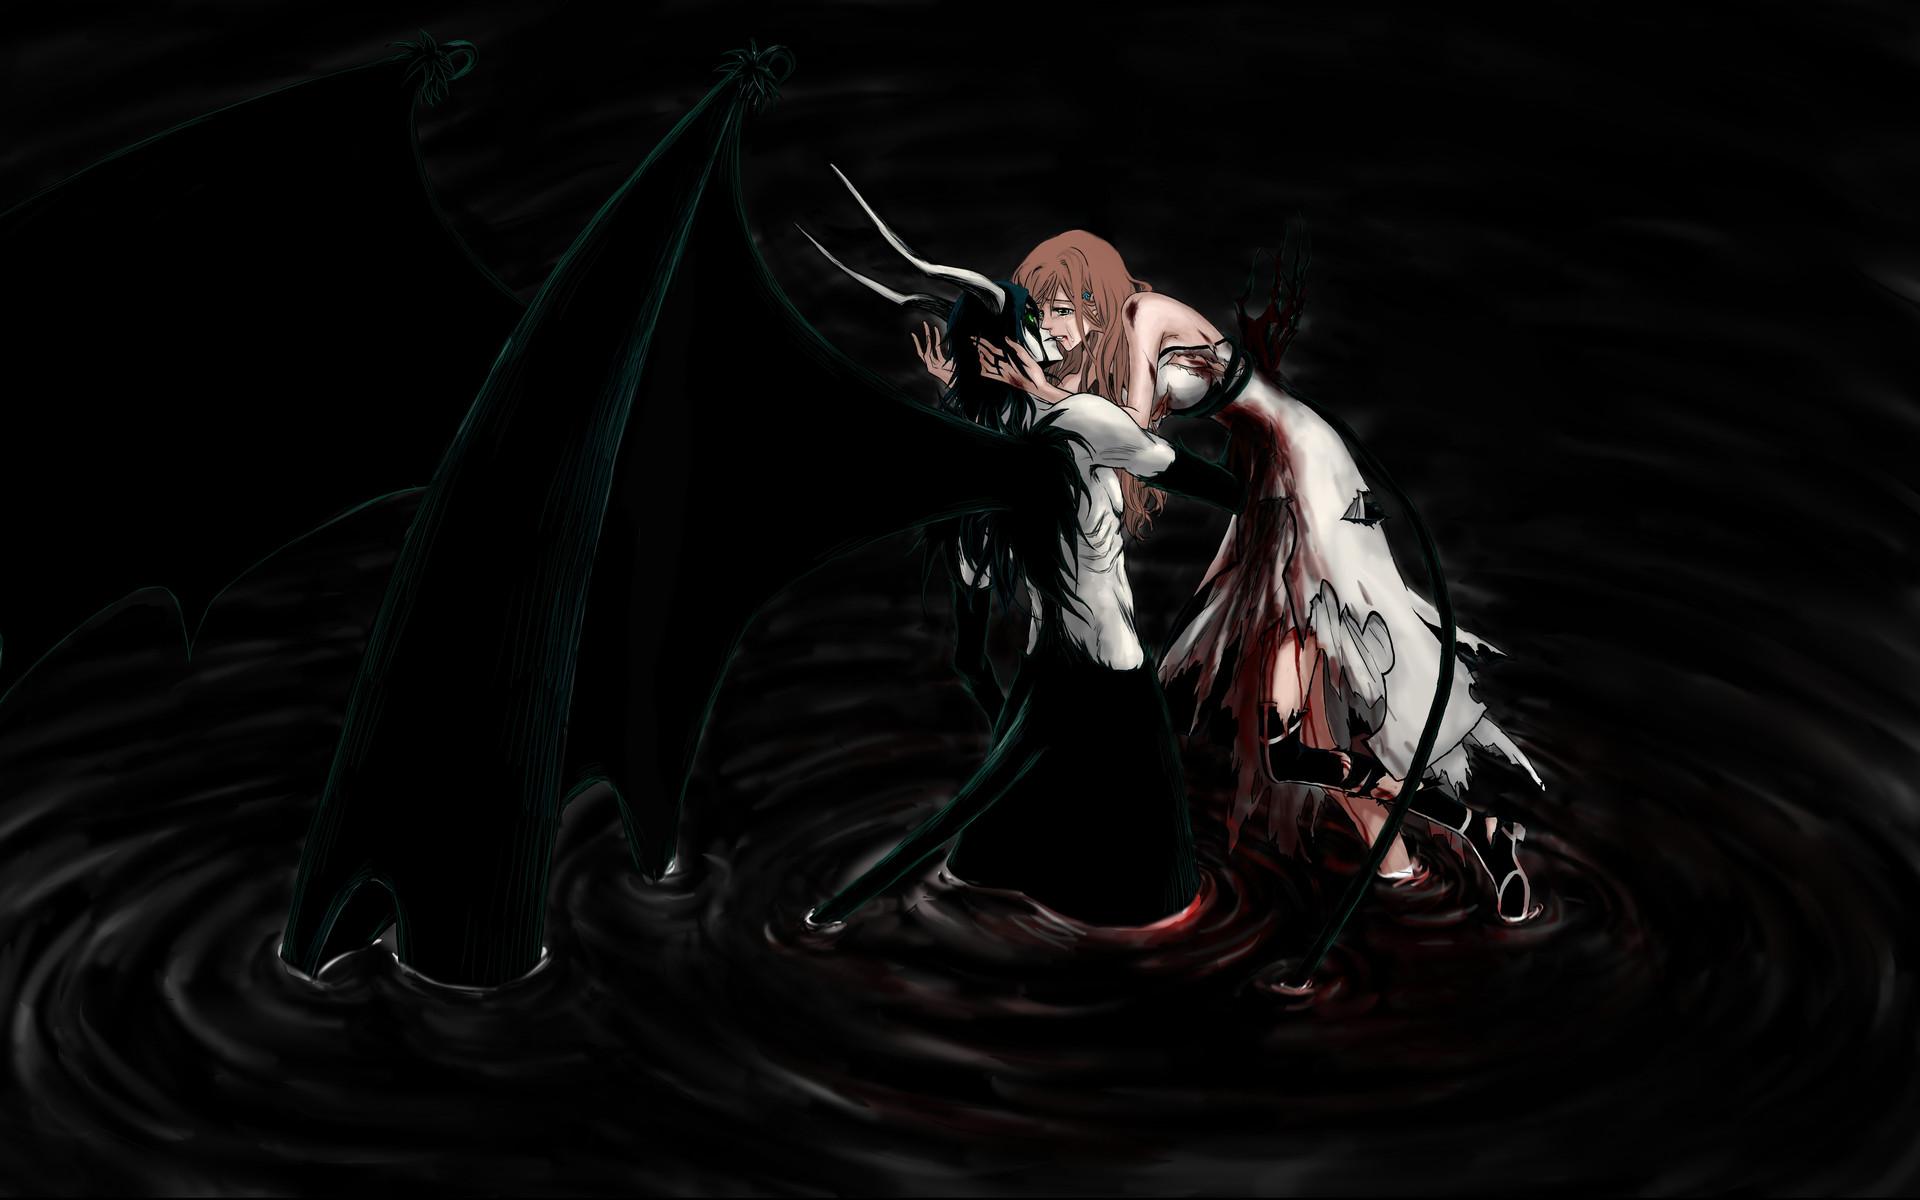 Romantic Anime Wallpapers - WallpaperSafari